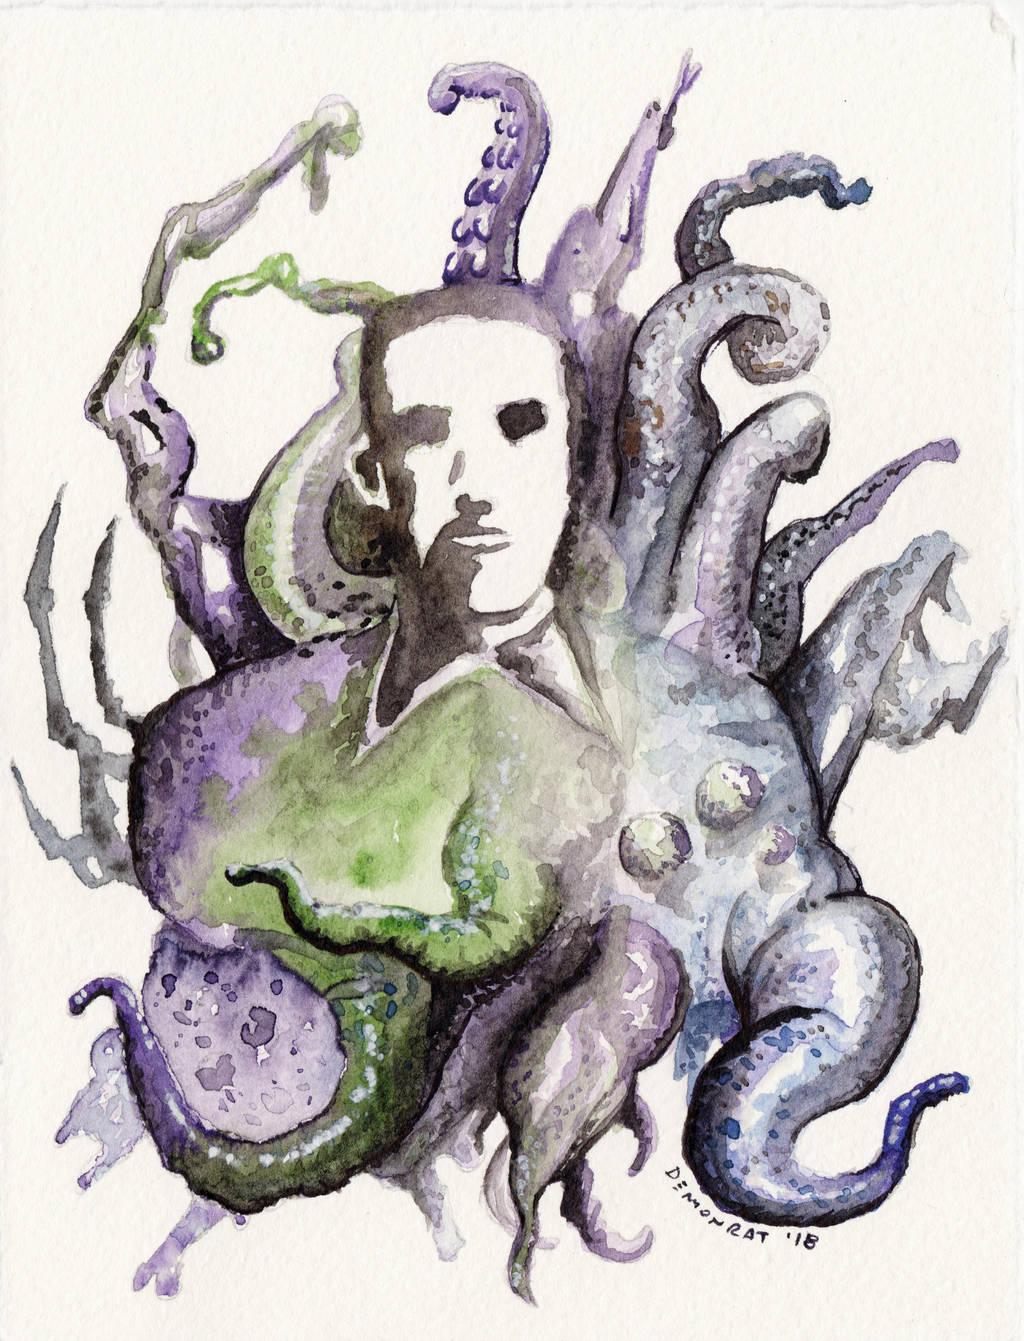 Lovecraft's Mind by Demonrat